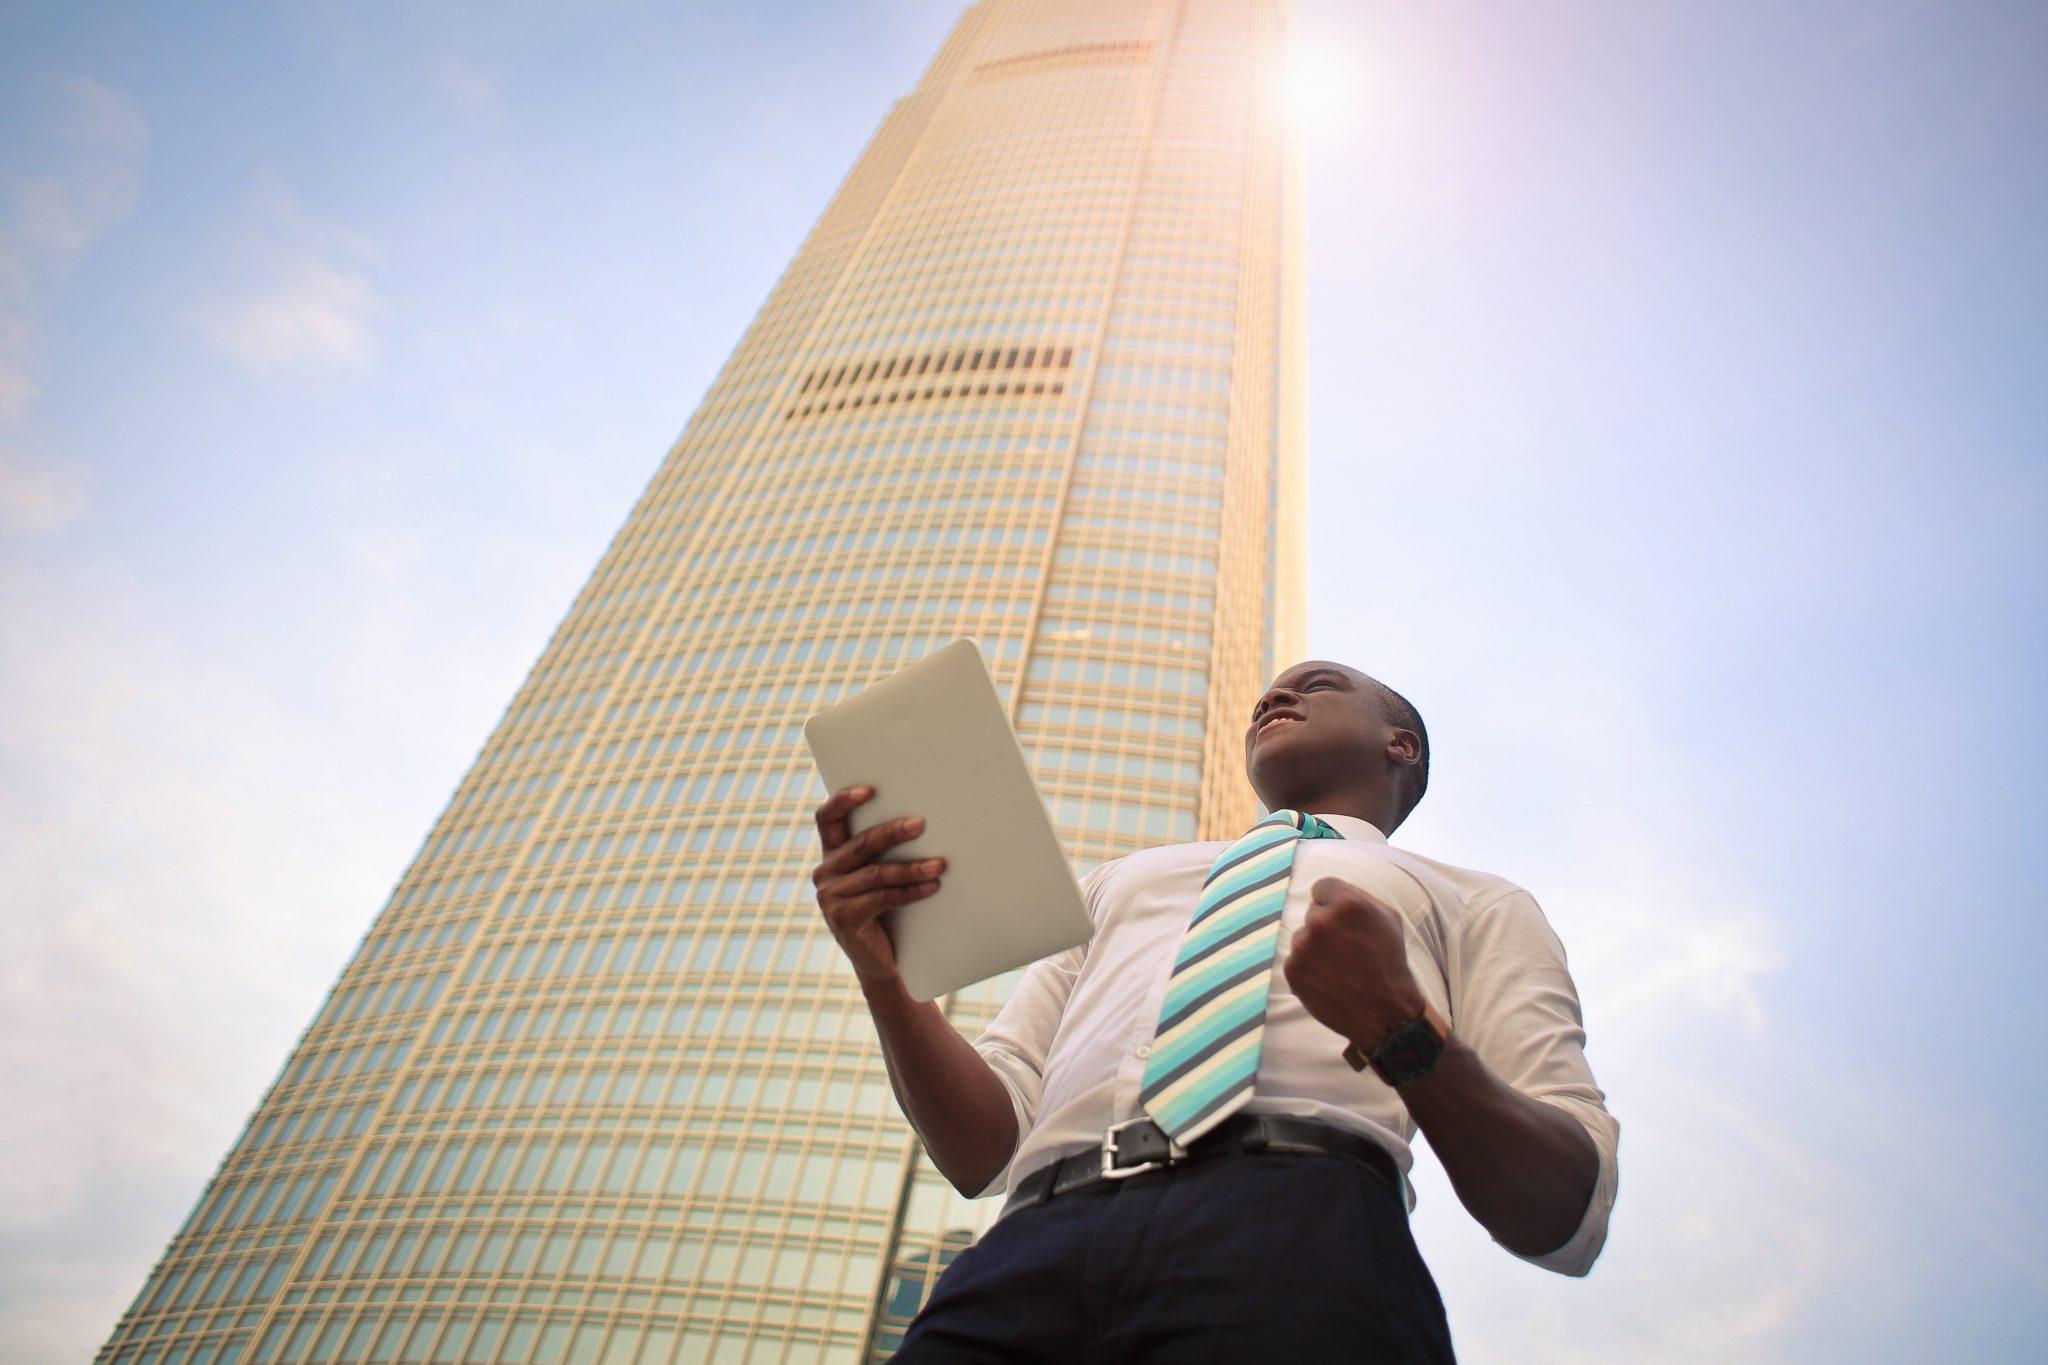 Forretningsmann forann et stort kontorbygg med store og komplekse virksomheter